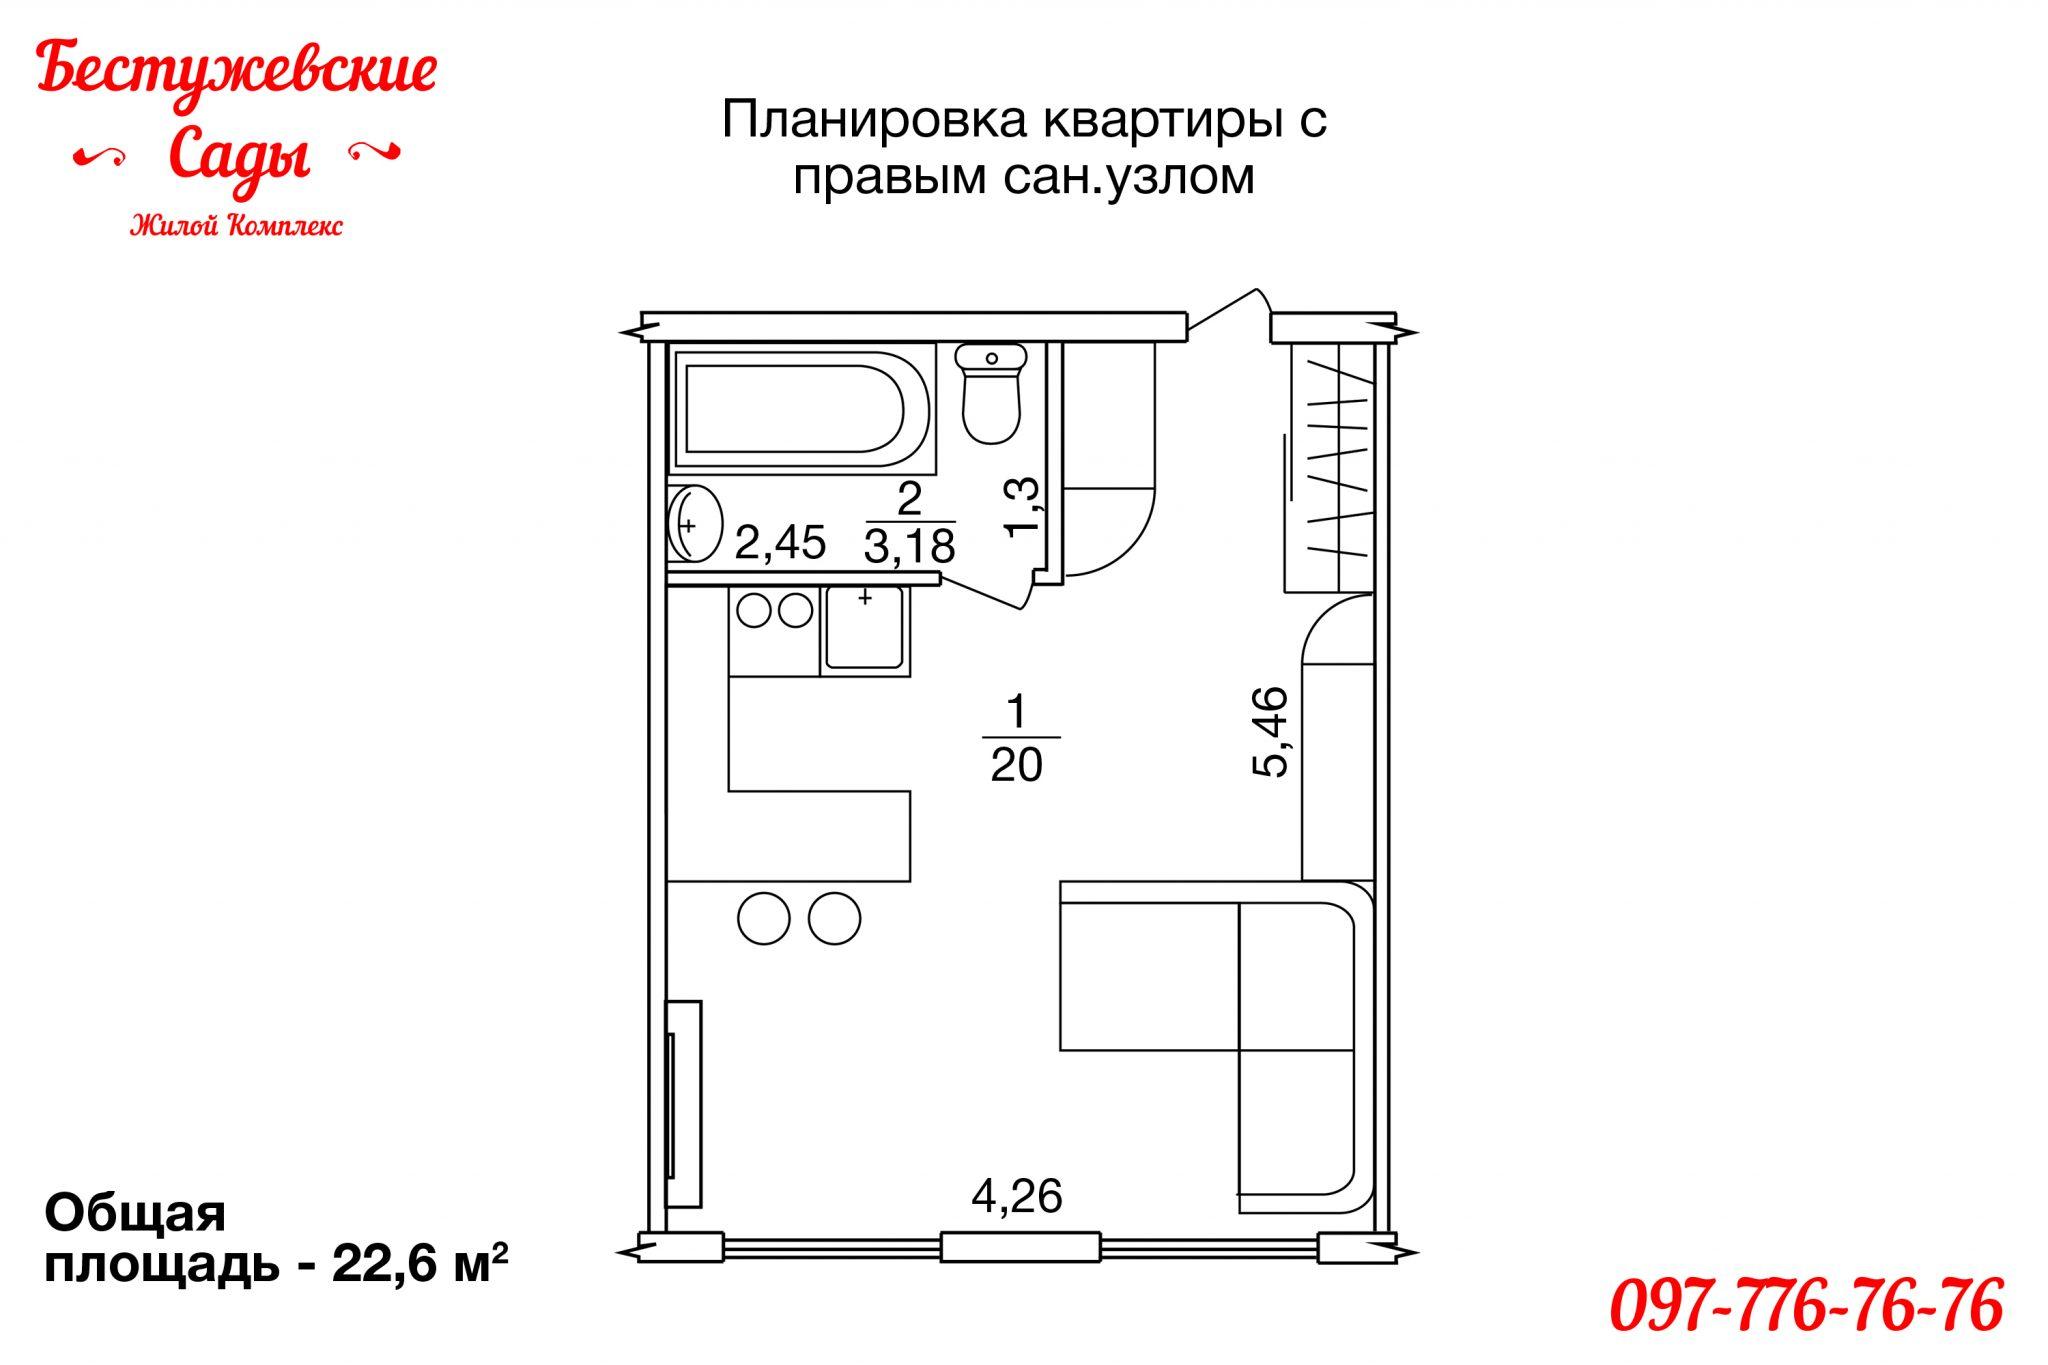 Планировка гостинки 22,6 квадратных метров